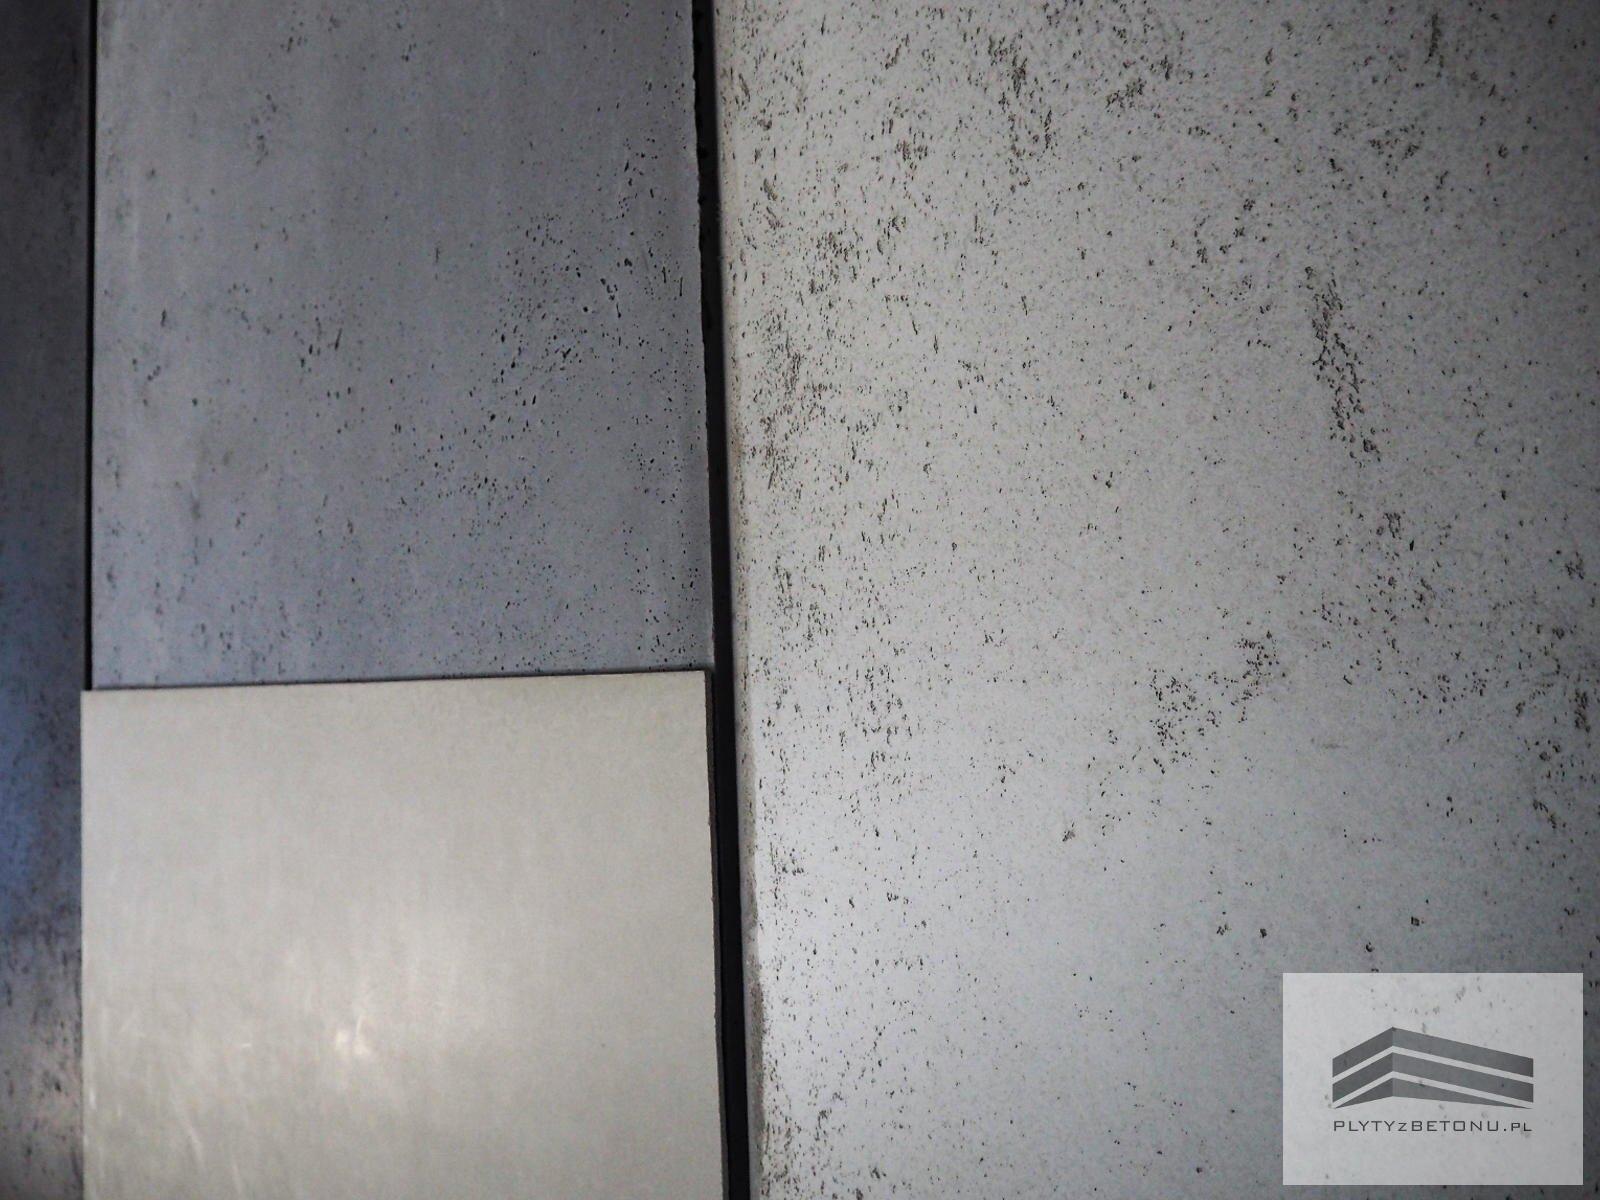 plyty-betonowe-beton-architektoniczny